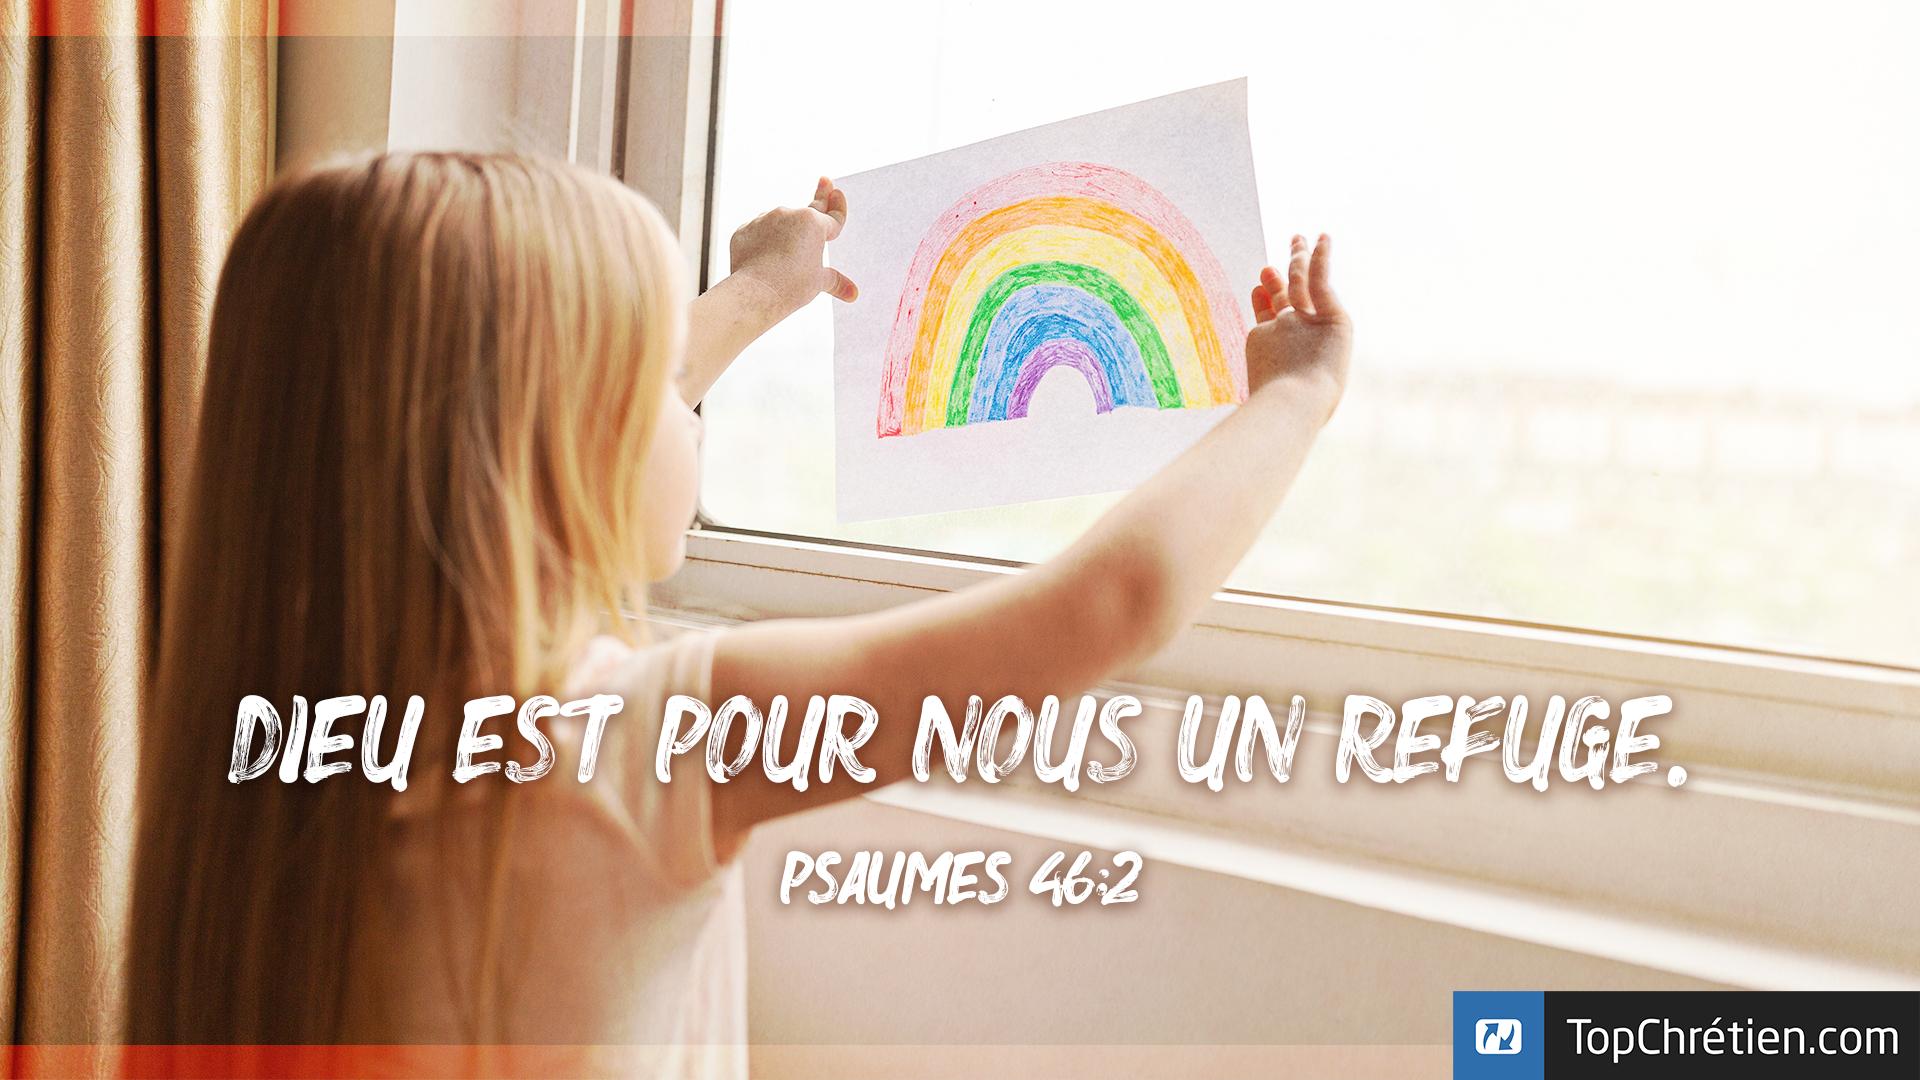 Dieu est un refuge